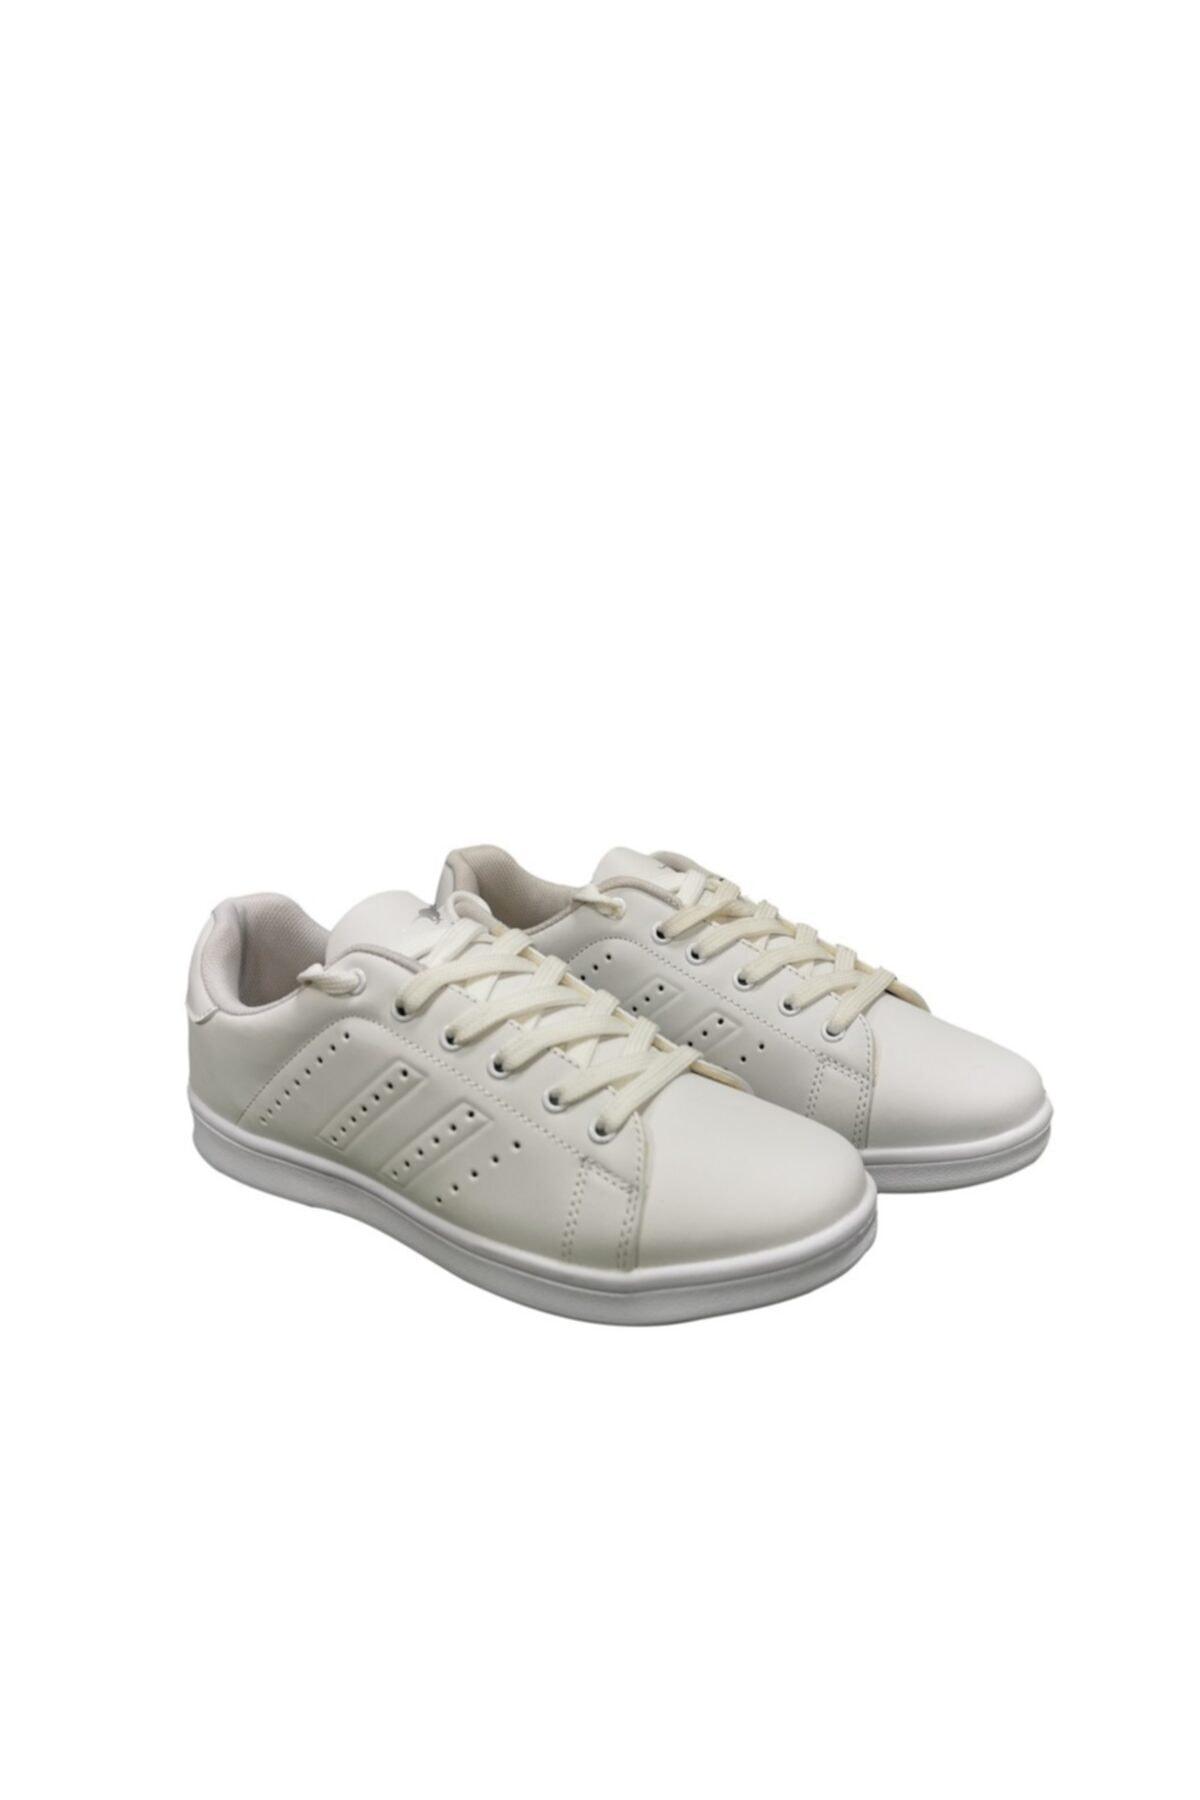 Cheta Kadın  Beyaz Günlük Spor Ayakkabı Cht002 1